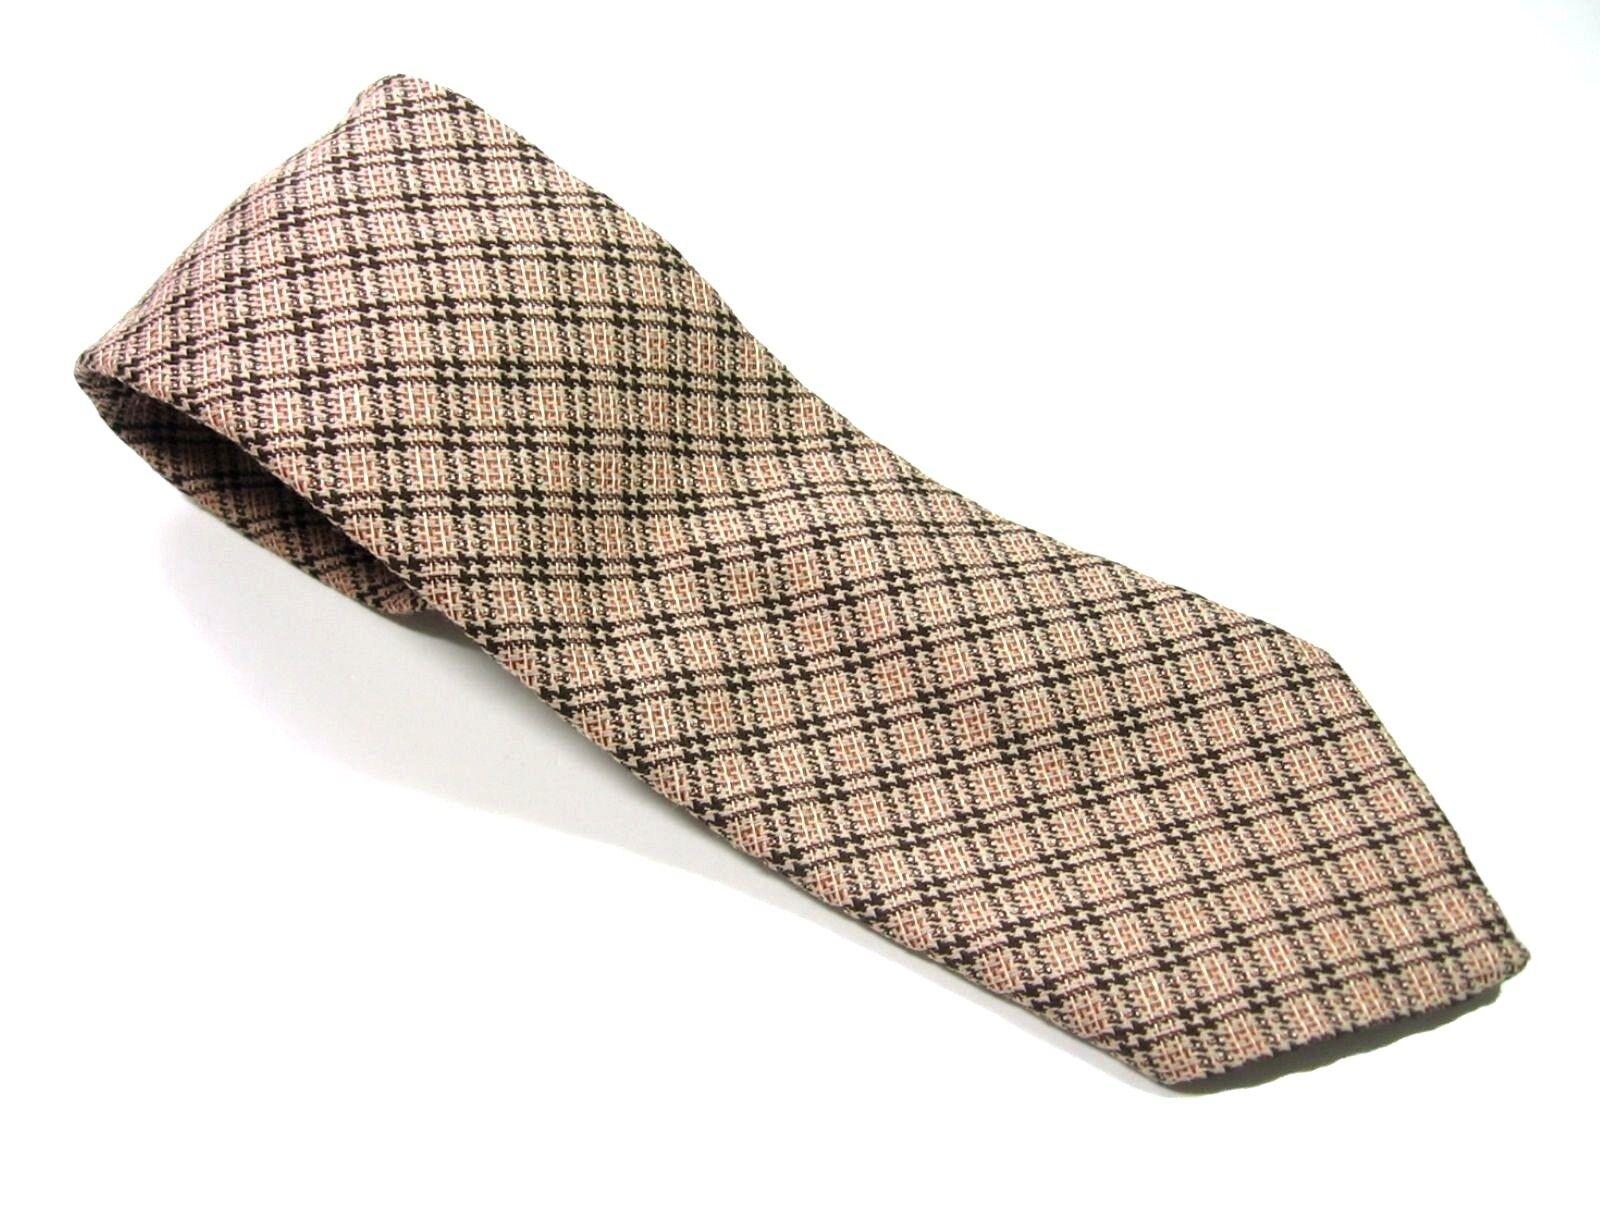 Belvedere Wiener creación Crema Marrón a Cuadros Corbata De Poliéster Corbata Vintage